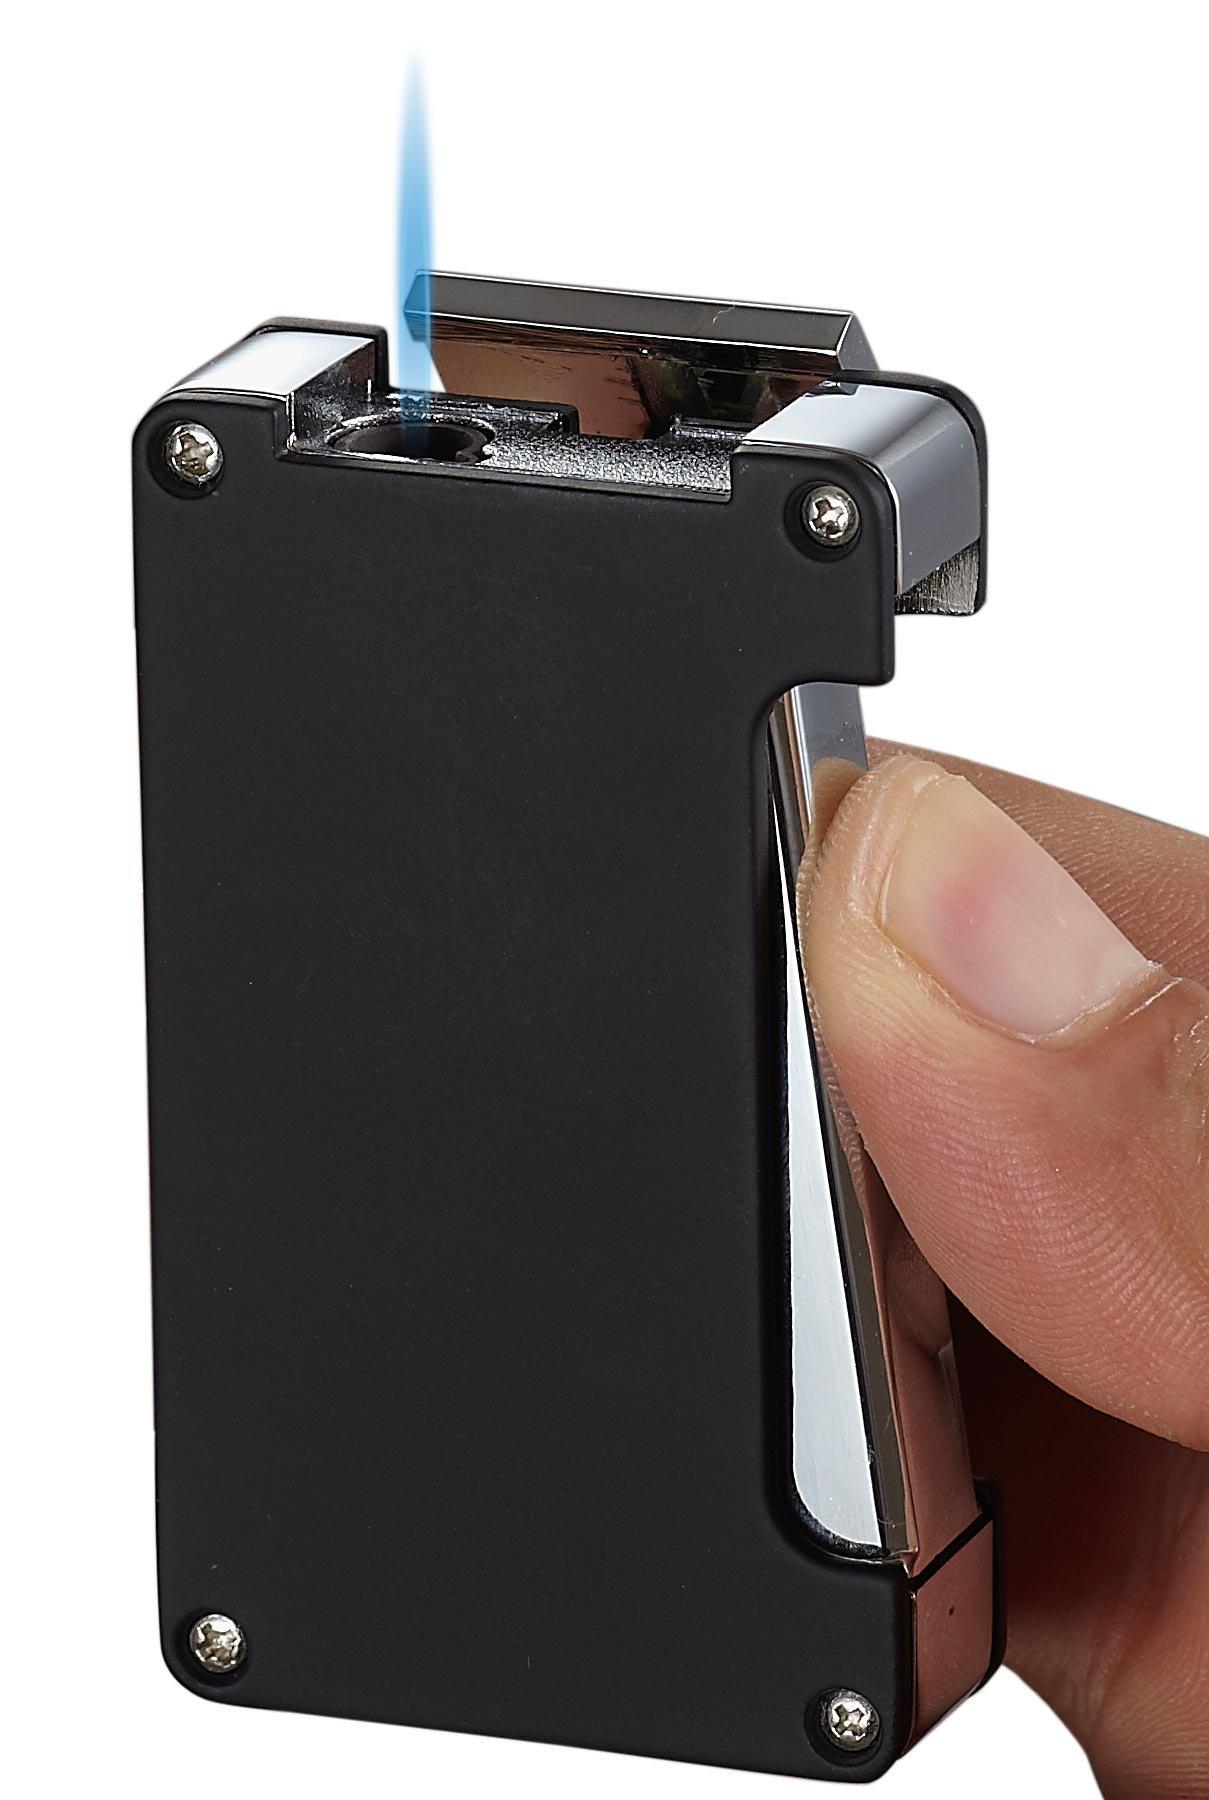 Visol Zidane Black Matte Cigar Lighter with Built-in Cigar Punch by Visol (Image #2)